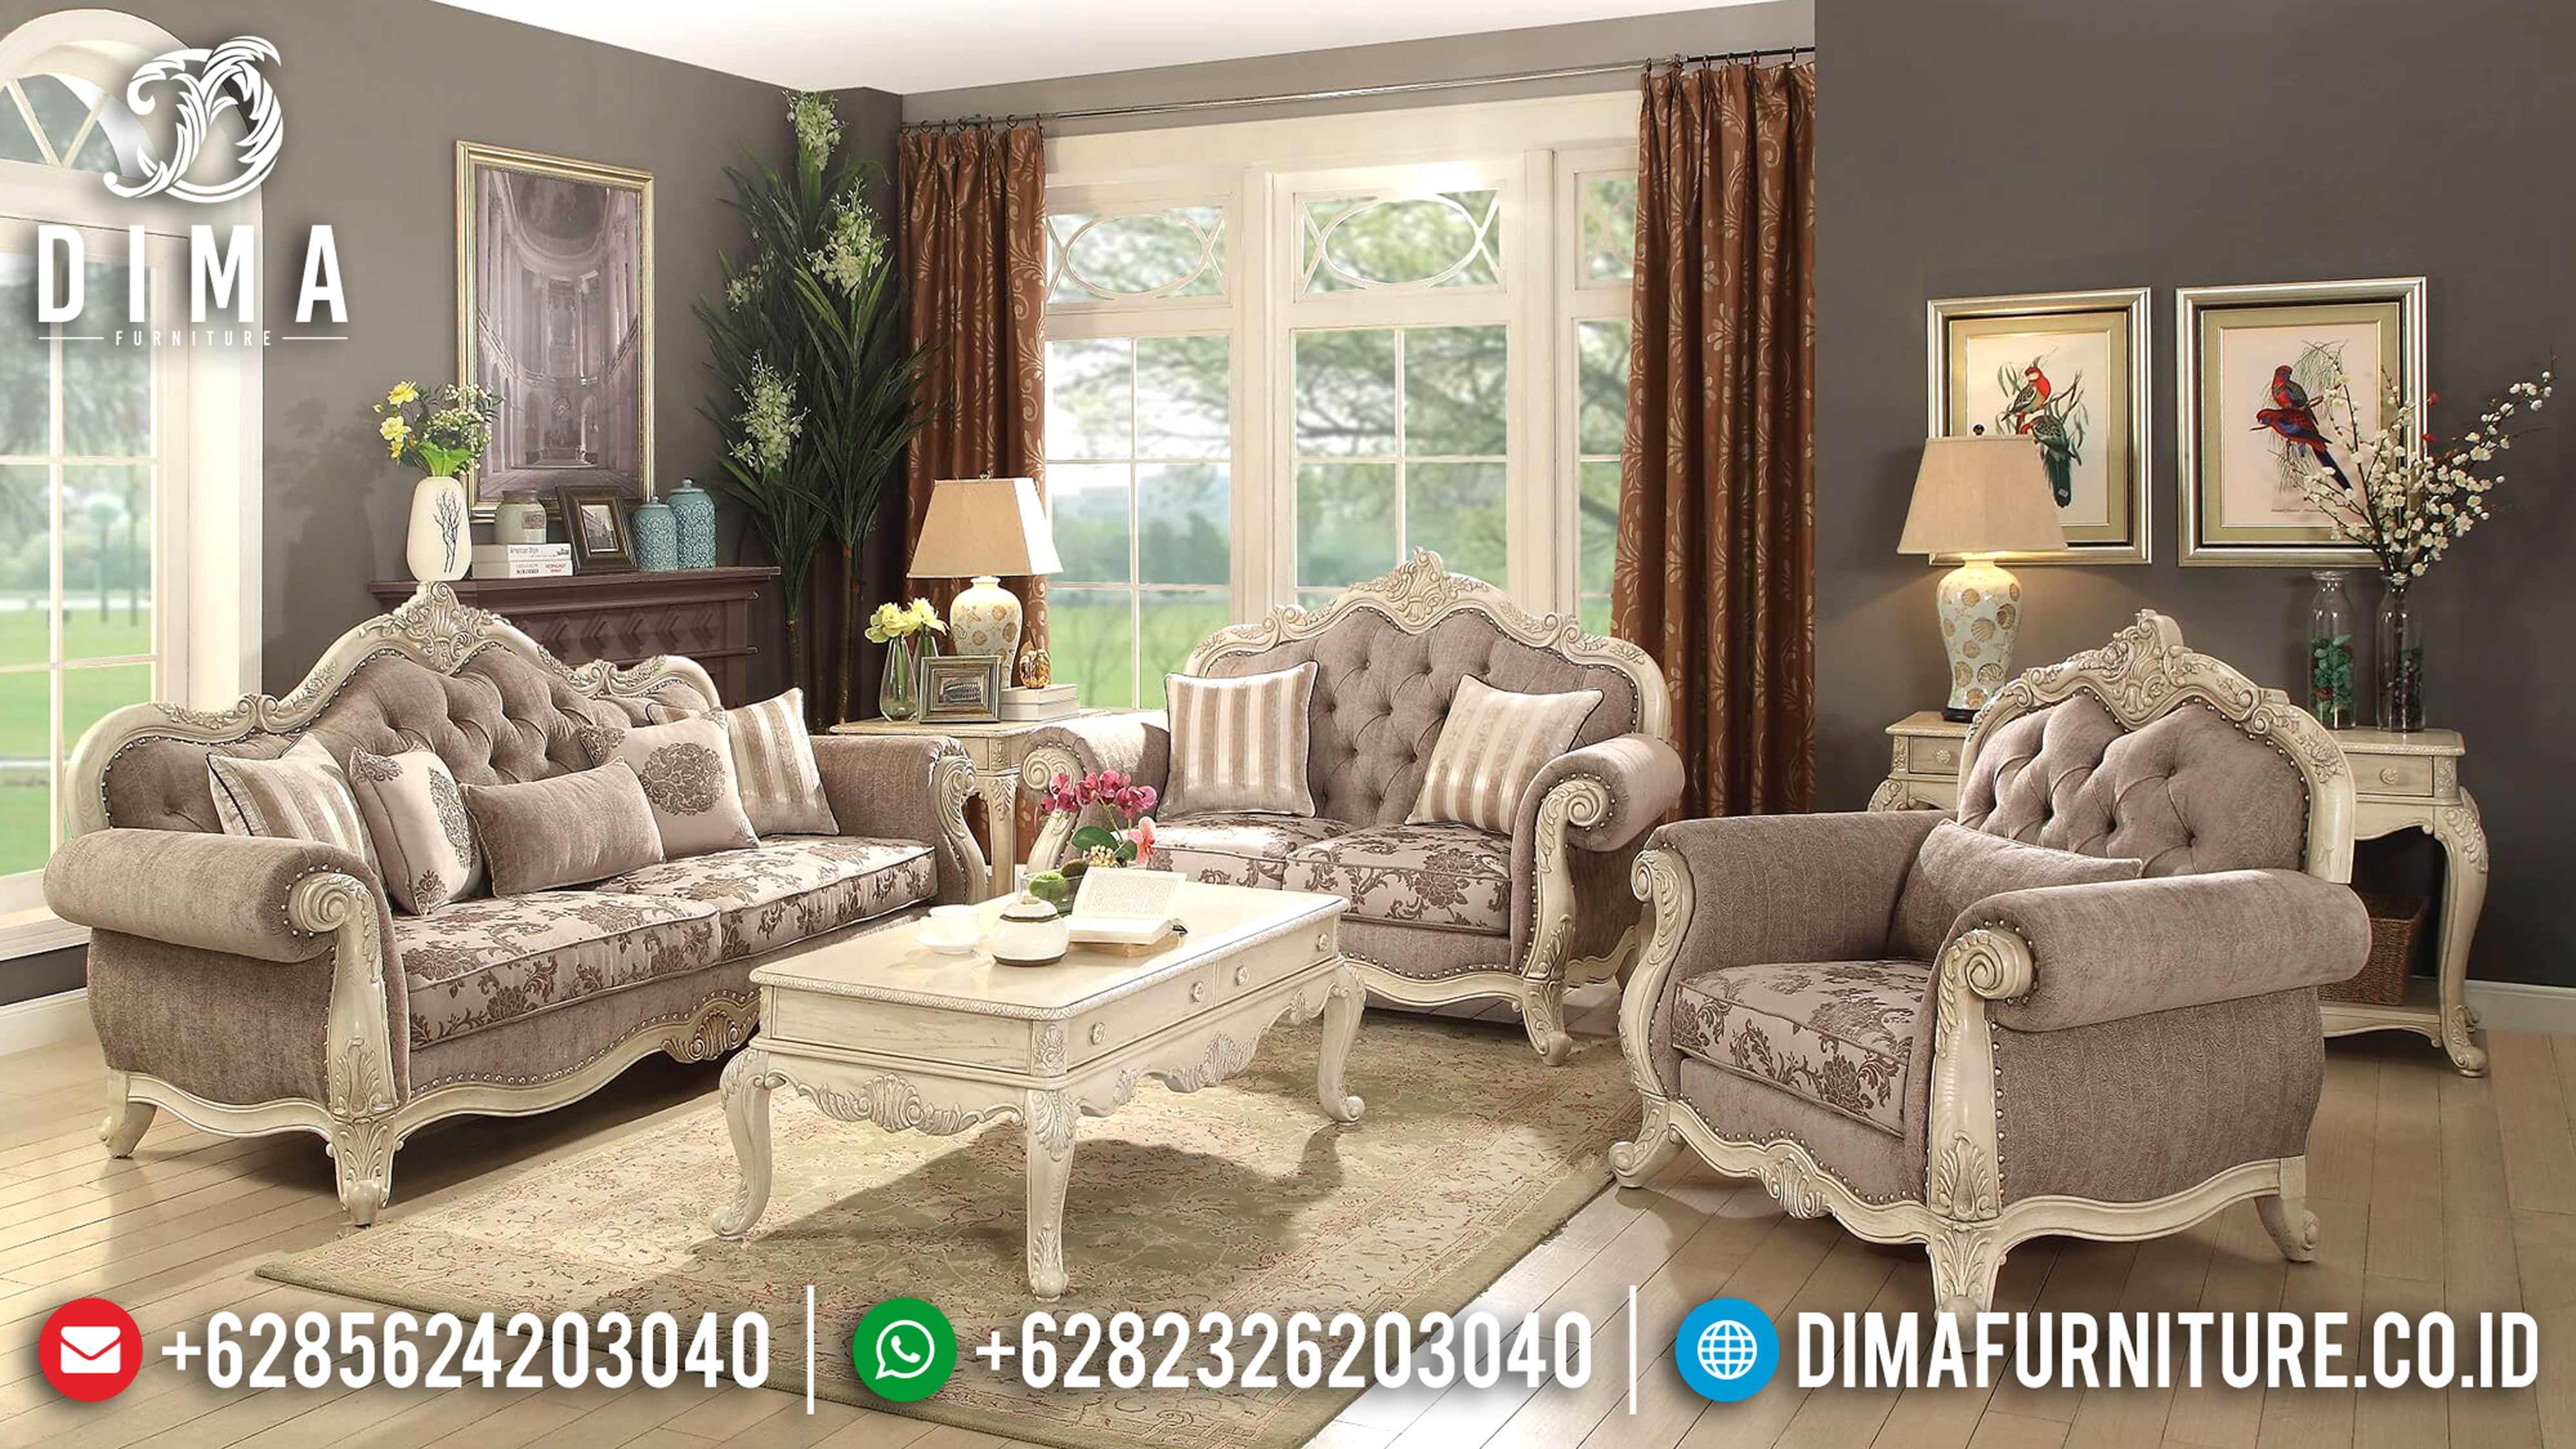 Sofa Tamu Mewah Jepara, Kursi Tamu Jepara, Mebel Jepara Terbaru ST-0588